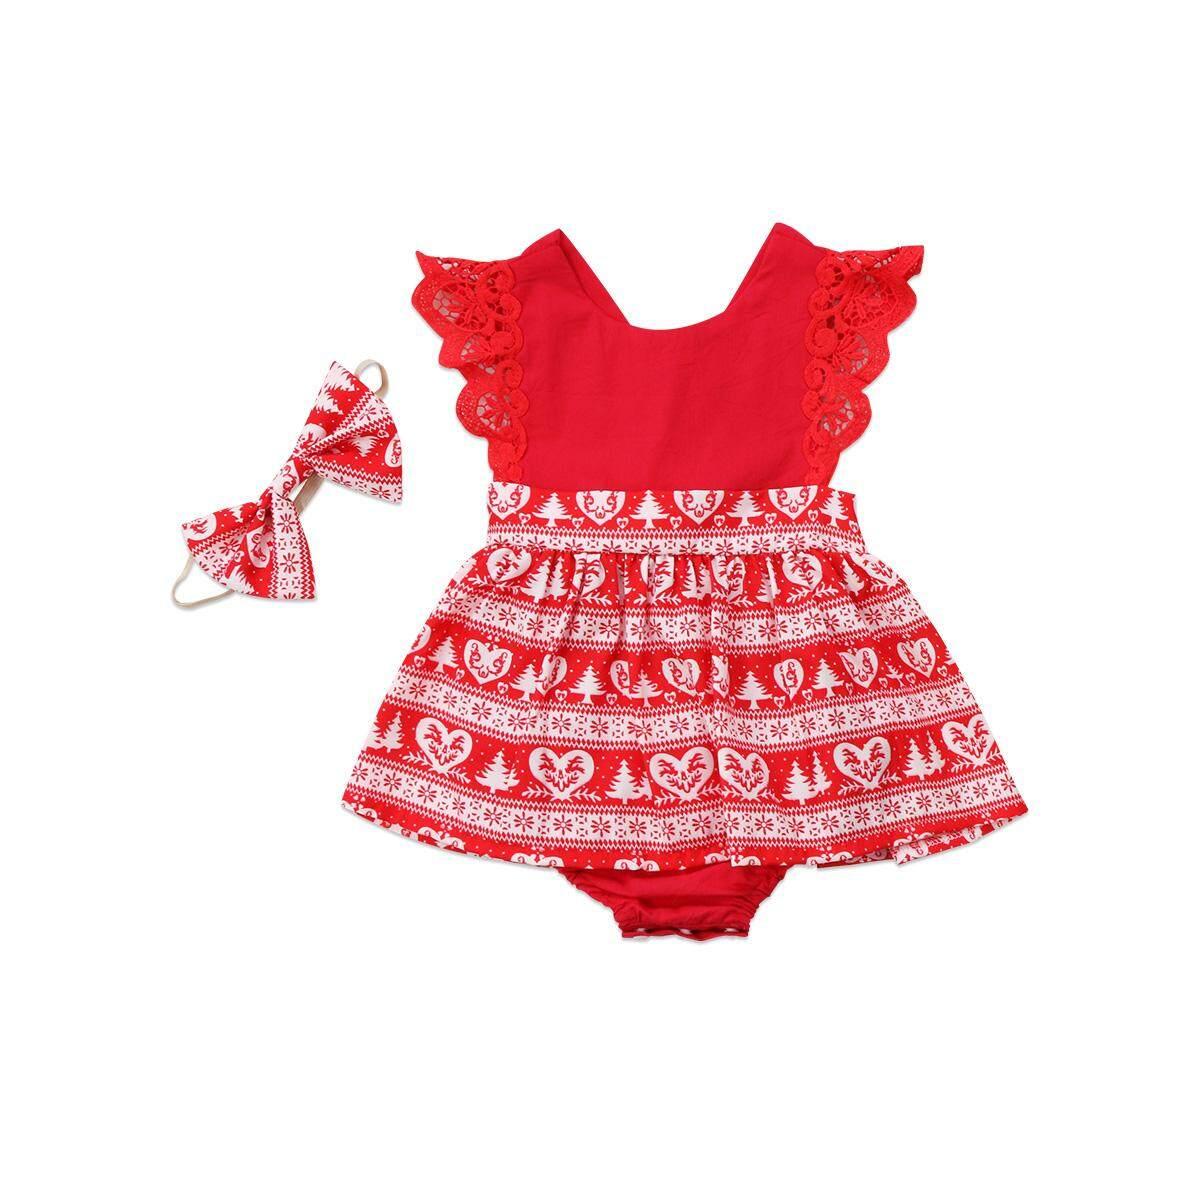 Natal Yang Menggemaskan Bayi Perempuan Balita Anak-anak Xmas Renda Baju Monyet Gaun Pesta (